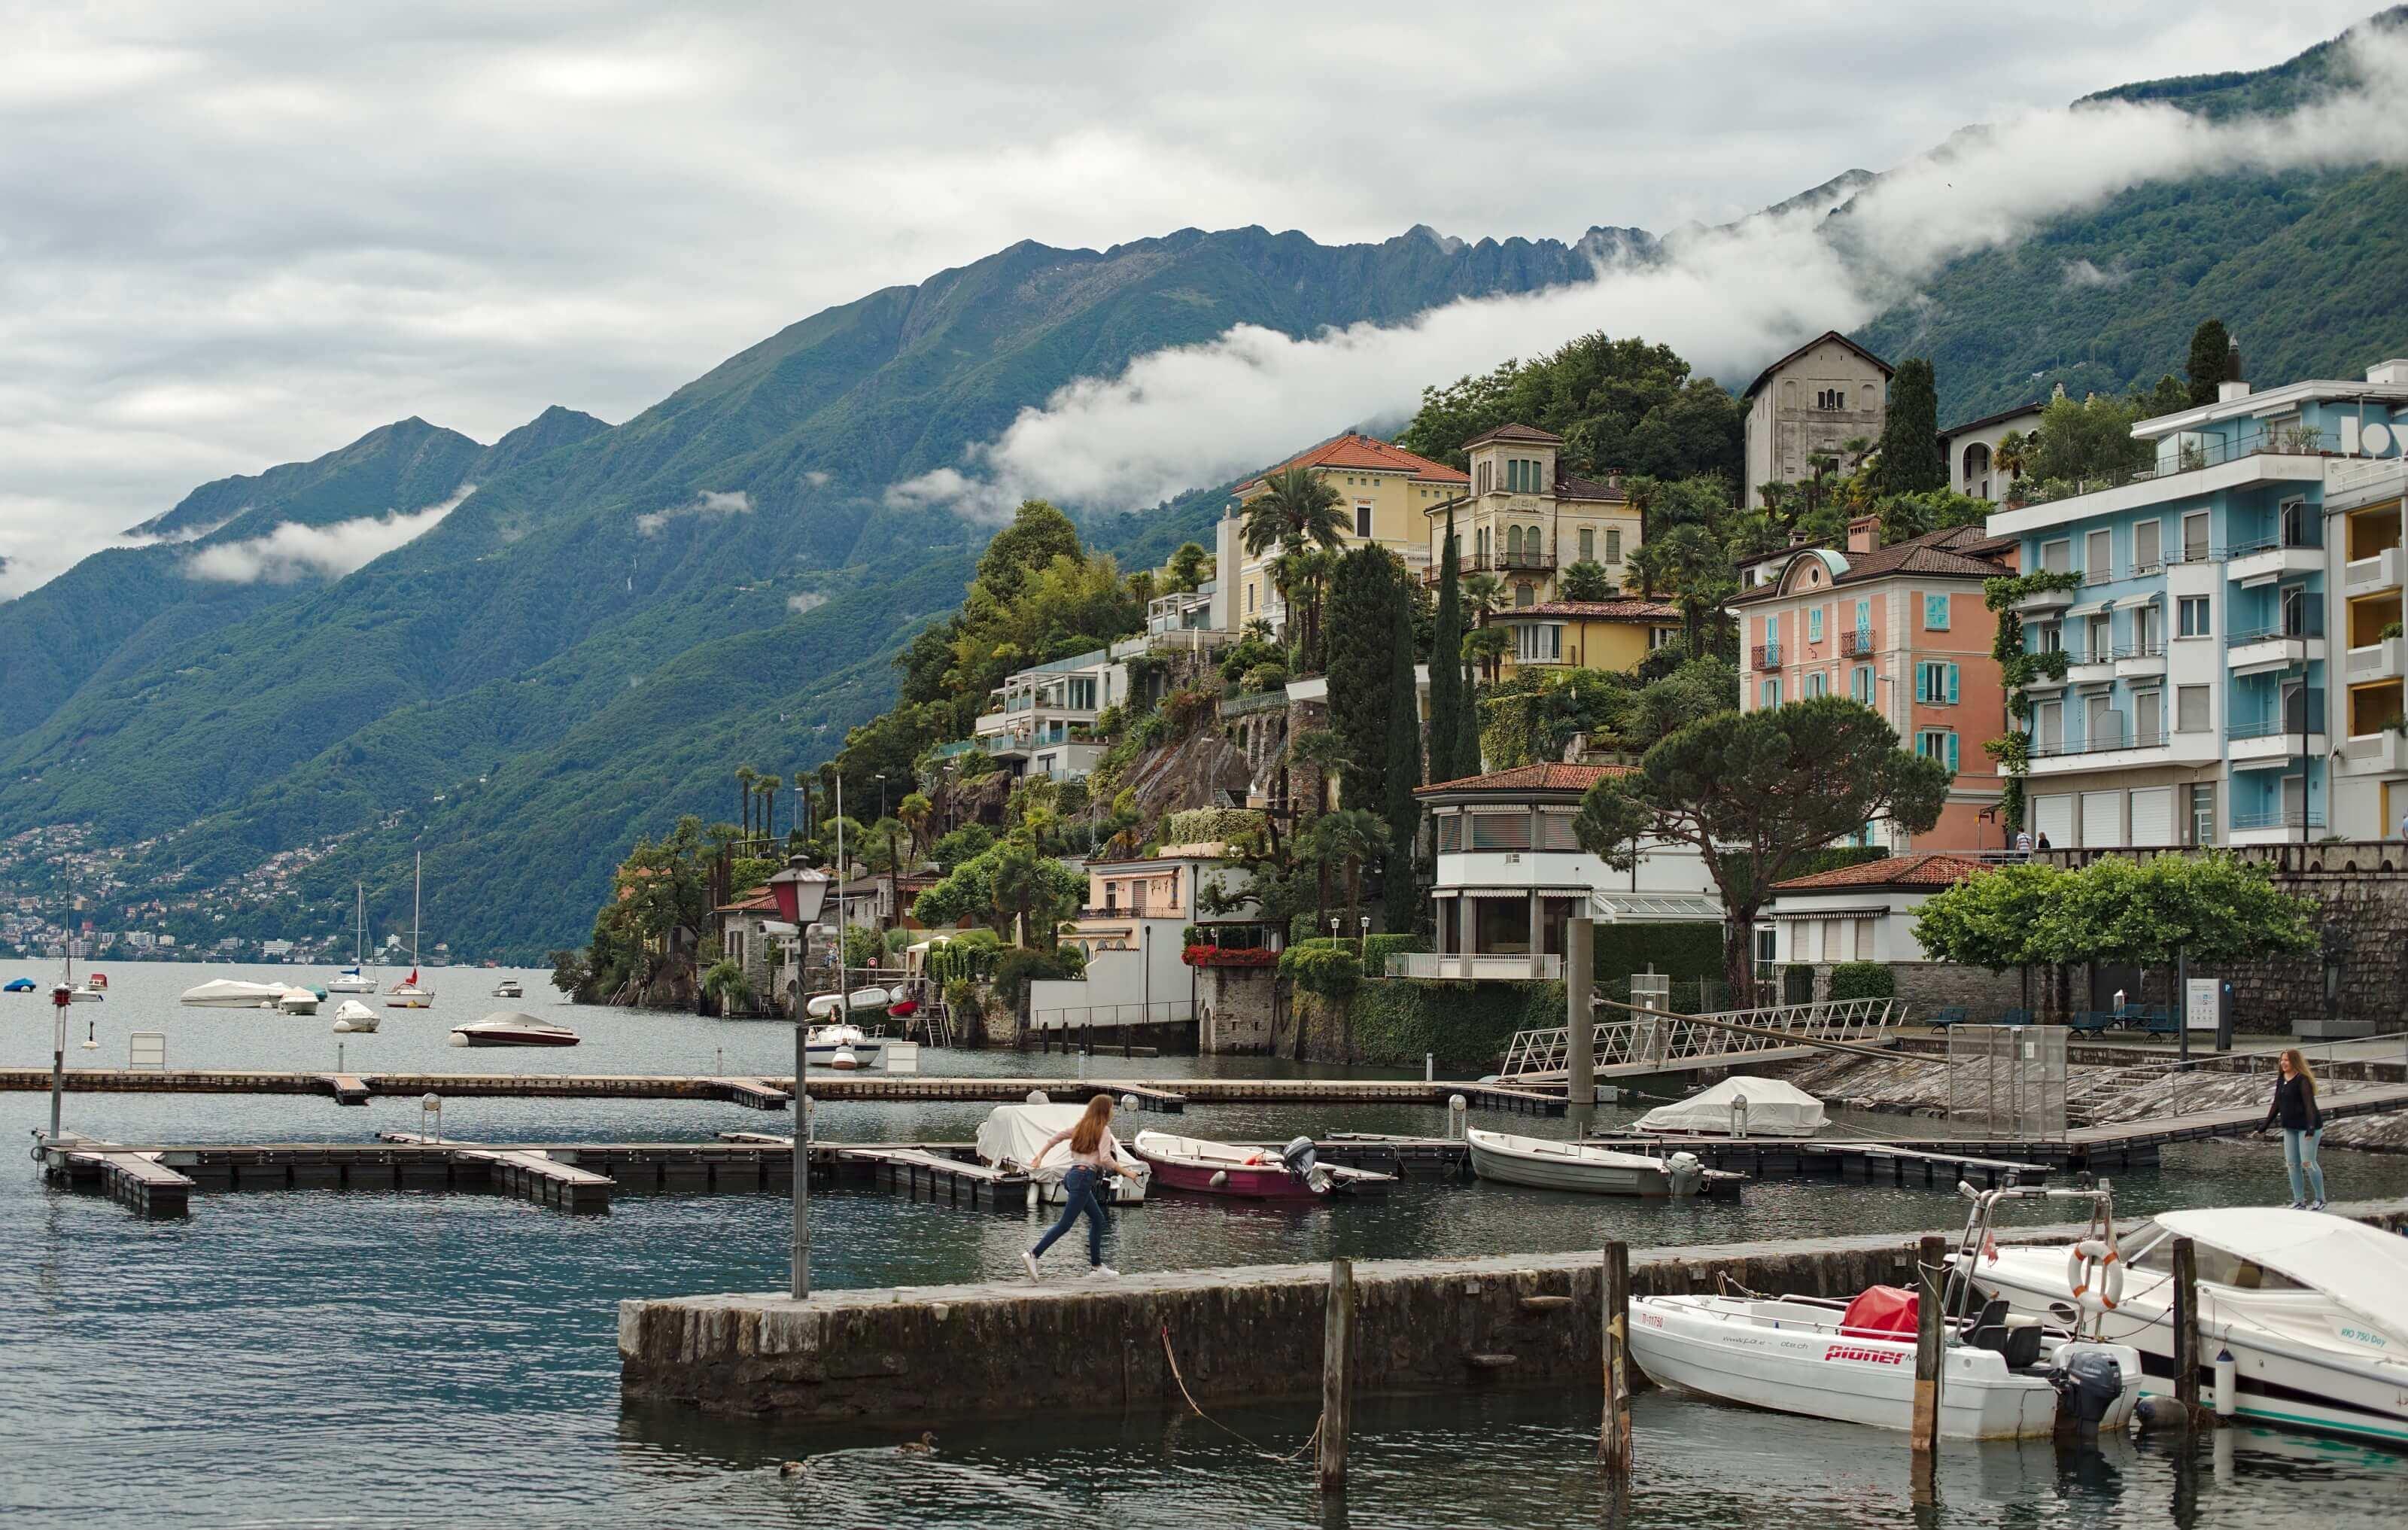 port of ascona